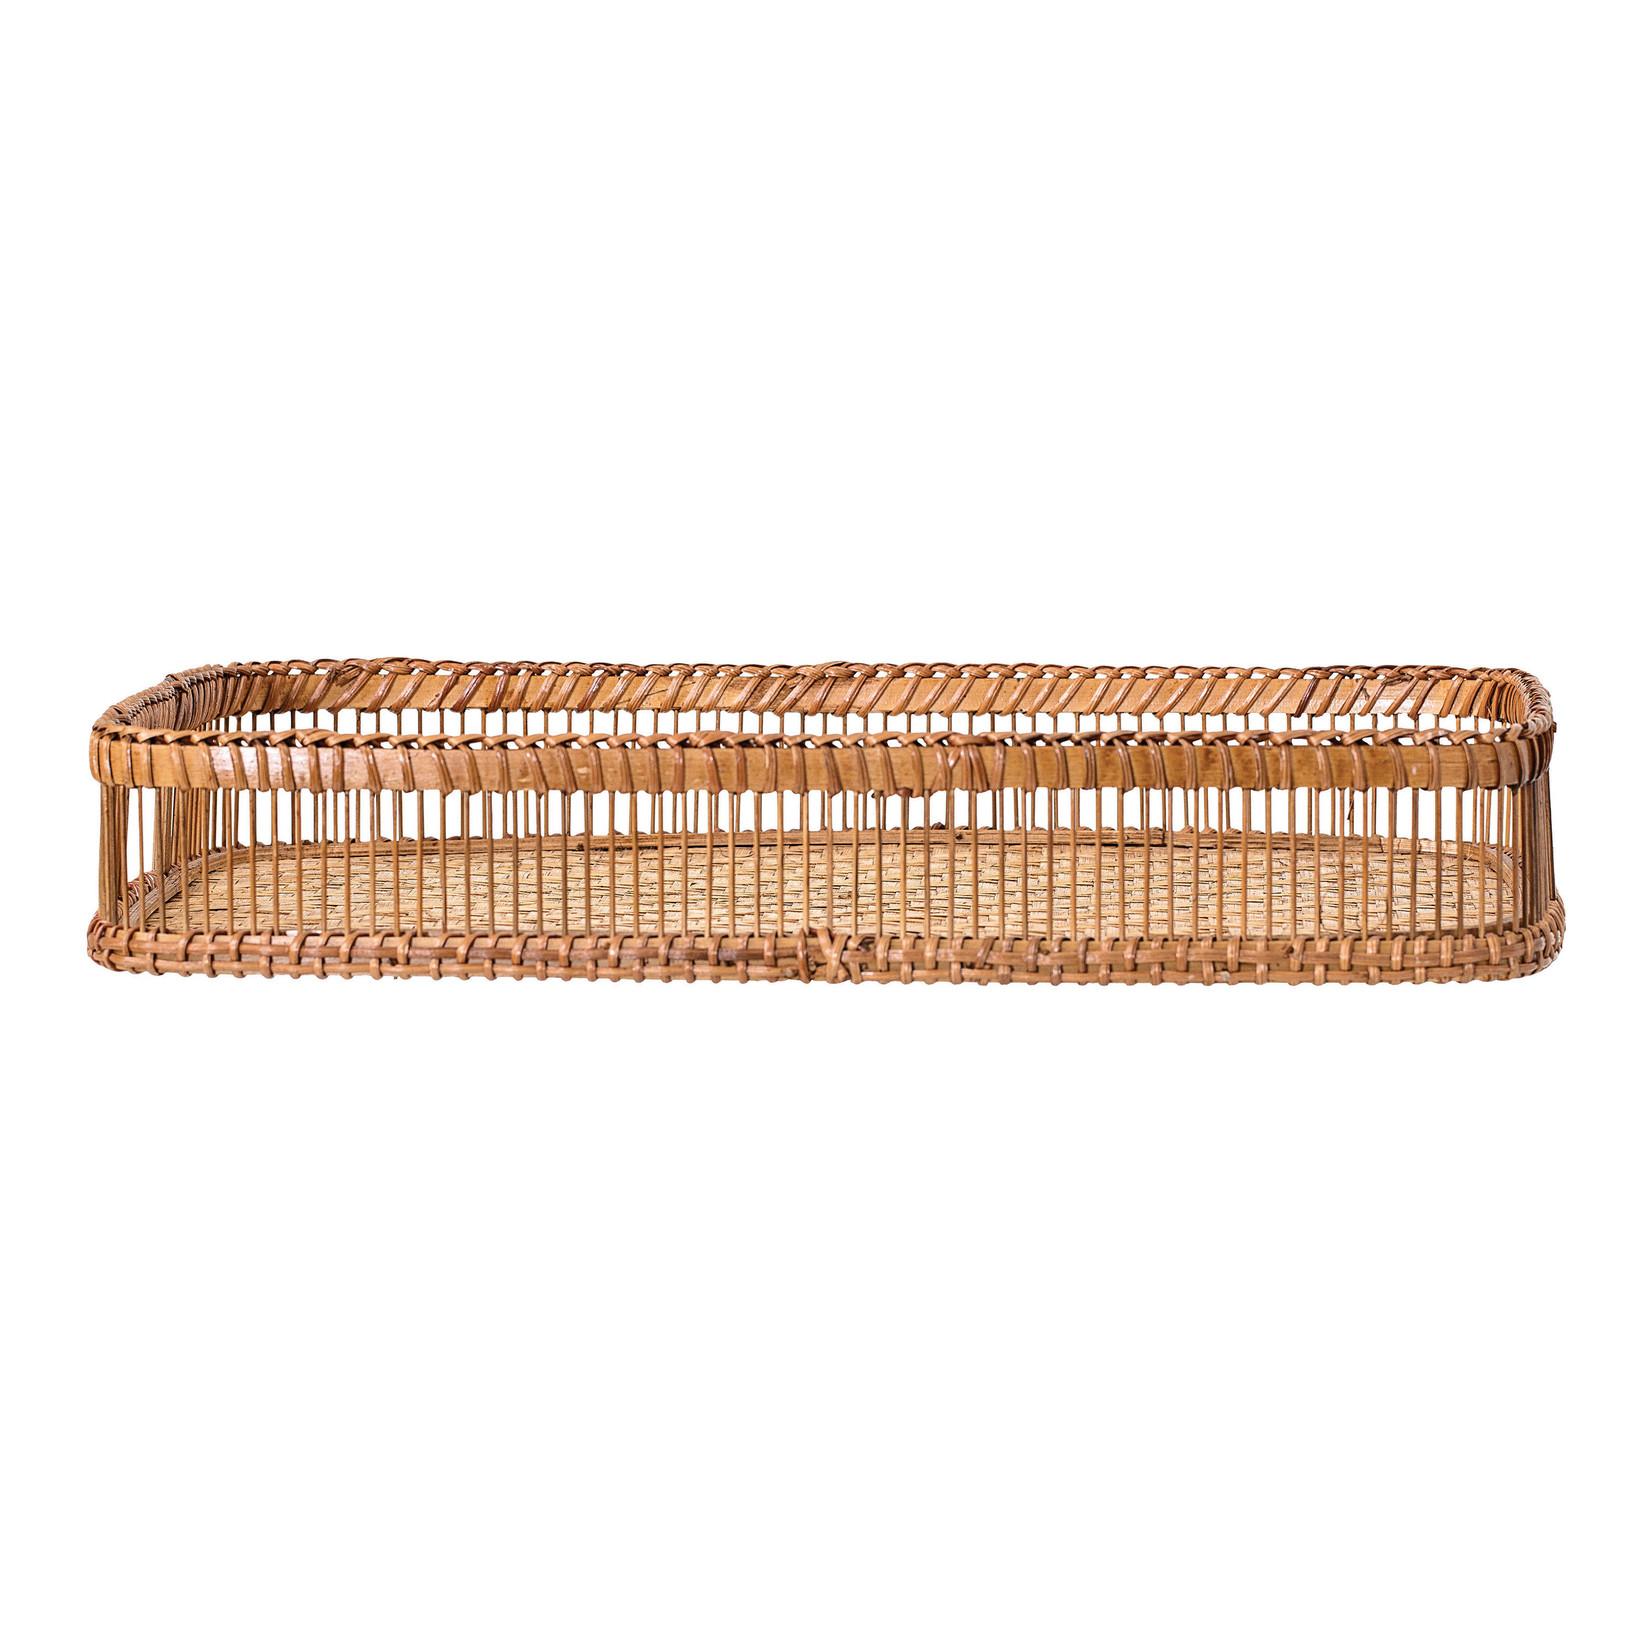 Hand-Woven Bamboo Tray